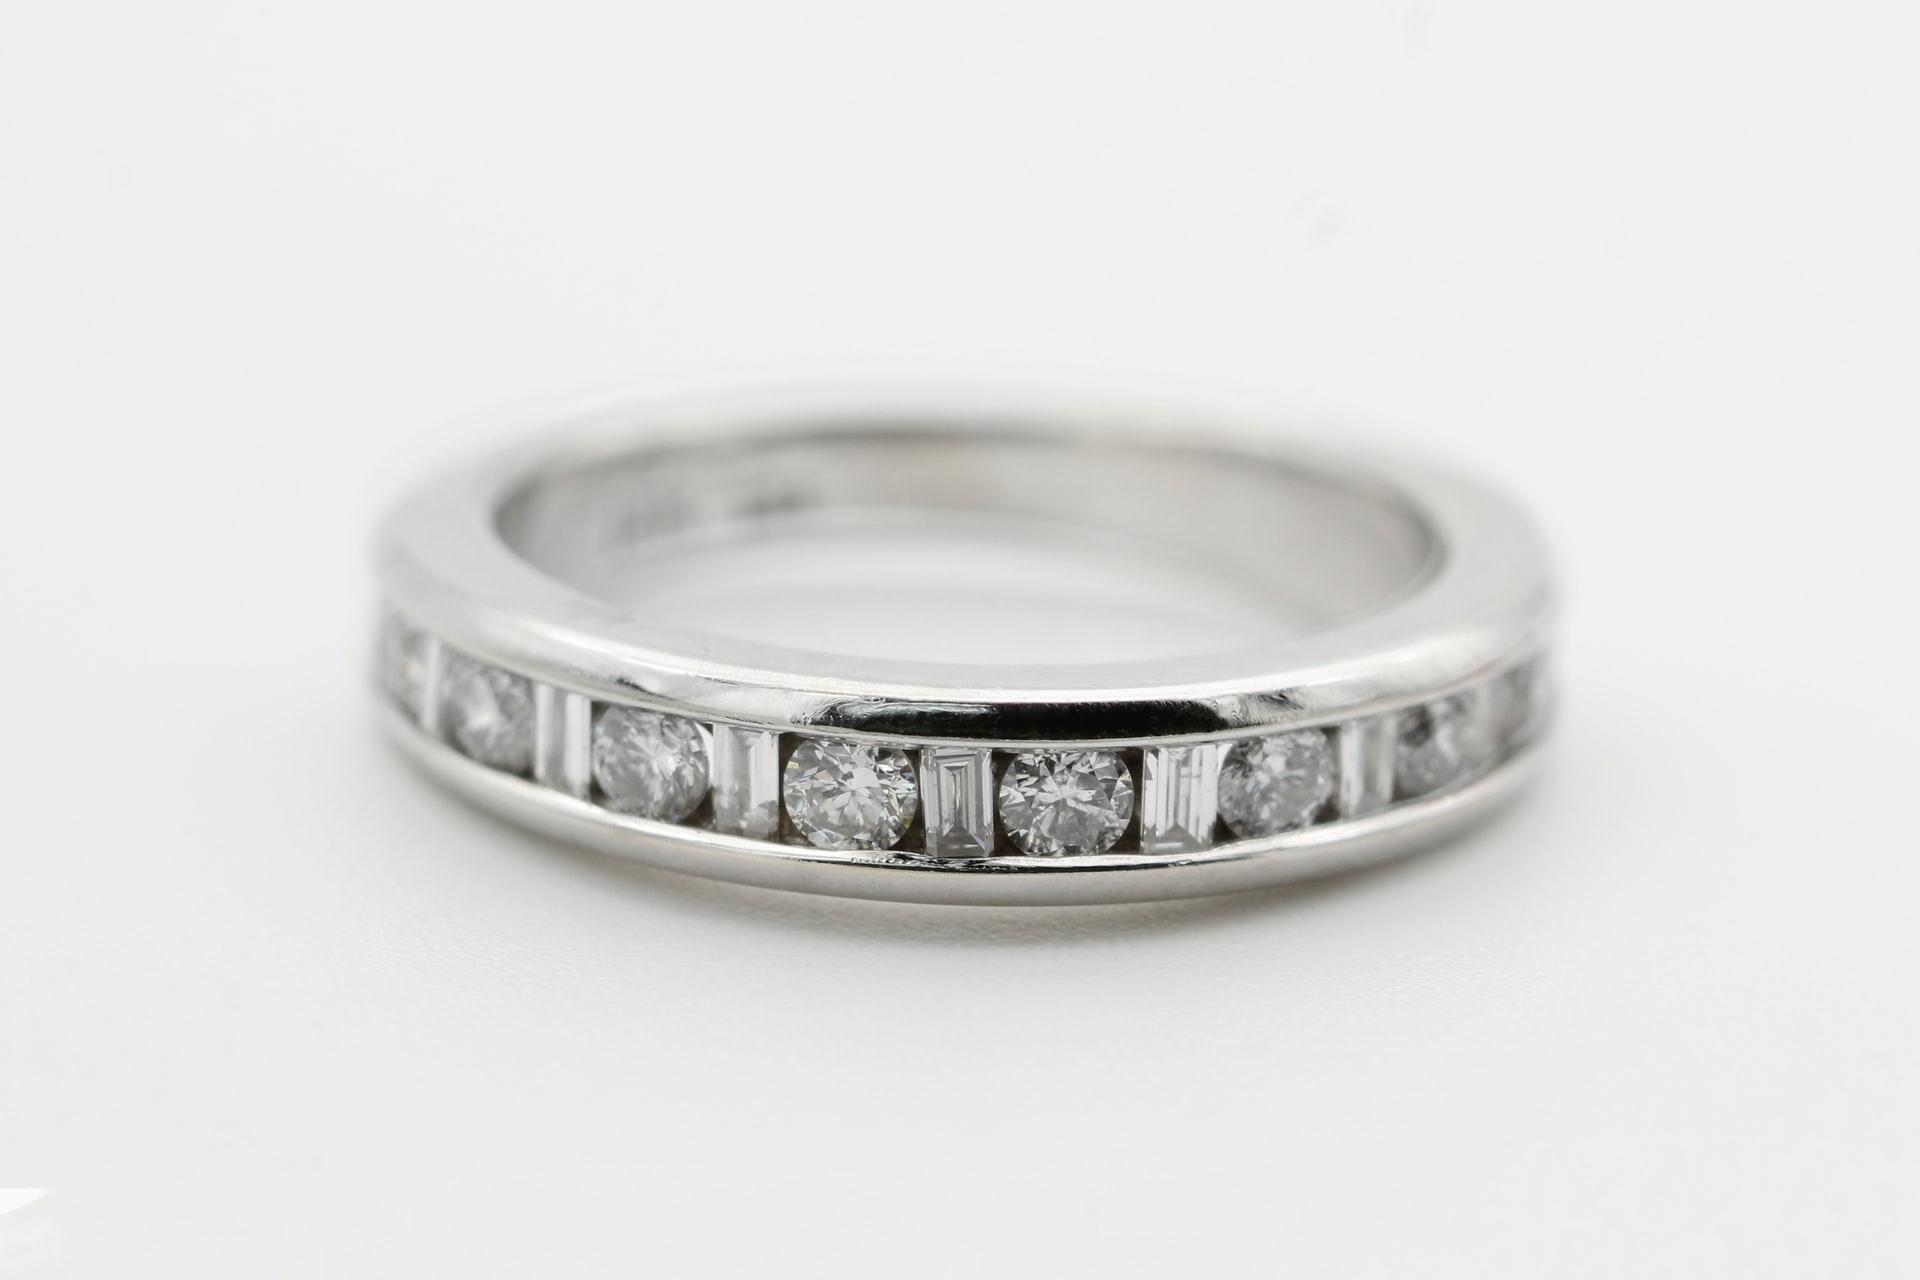 טבעת של פלטינה משובצת ביהלומים. צילום של קטרינה רינגקוויסט, ממאגר התמונות Unsolashed